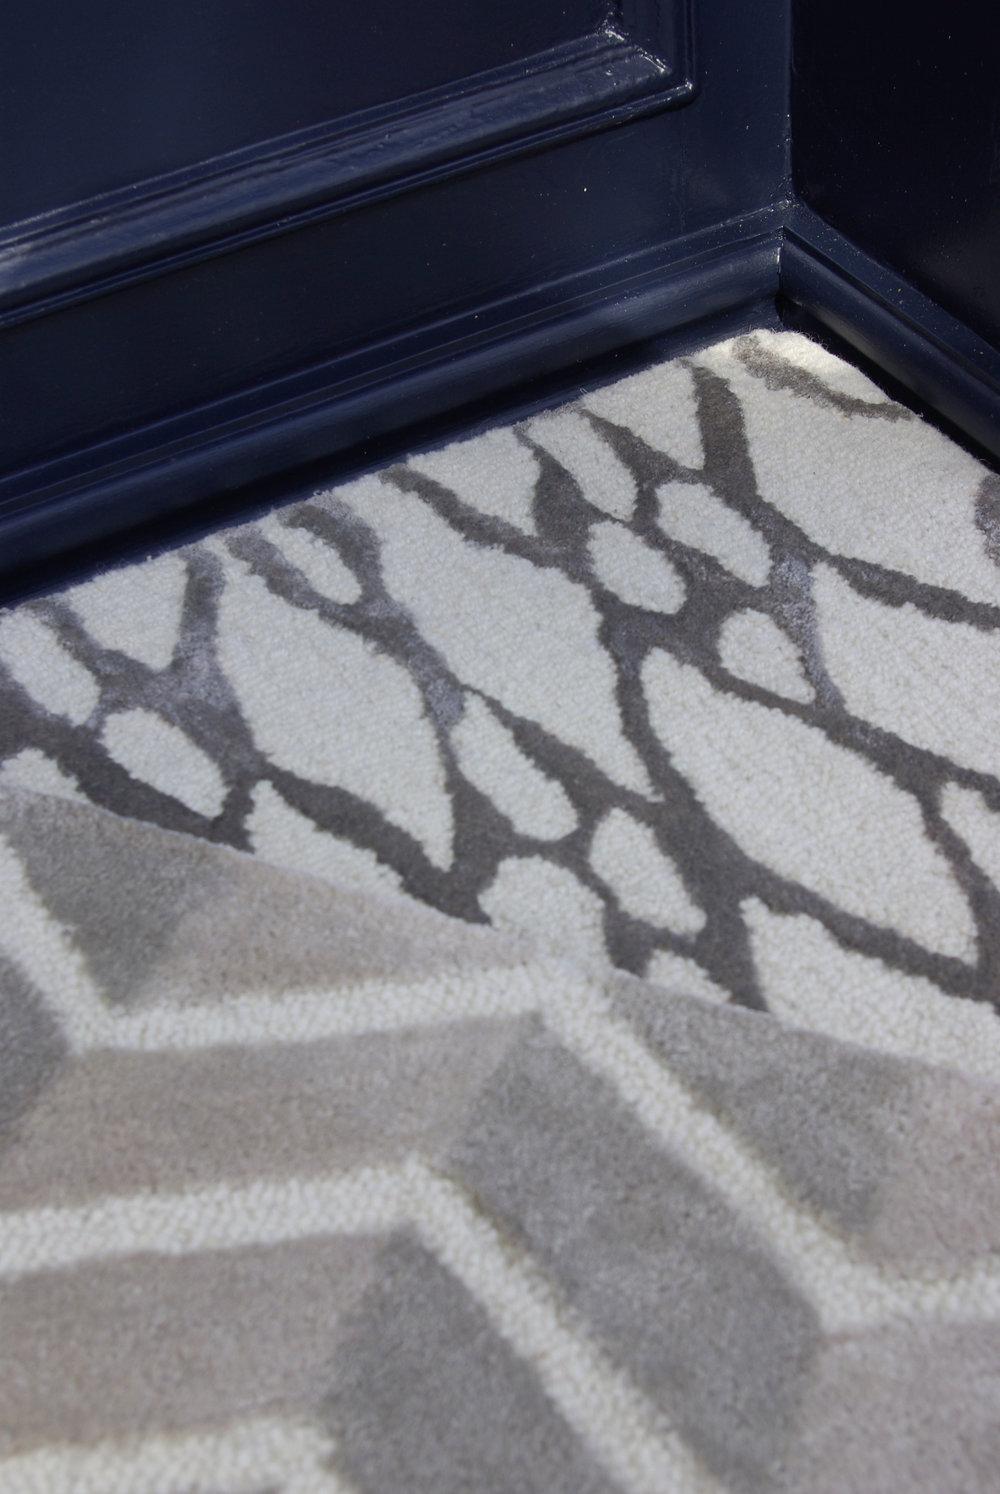 Kevin Kelly Interiors - G P & J Baker Rugs  - Price 1.6m x2.6m E1510 + Price 2mx3m E1895  1.JPG